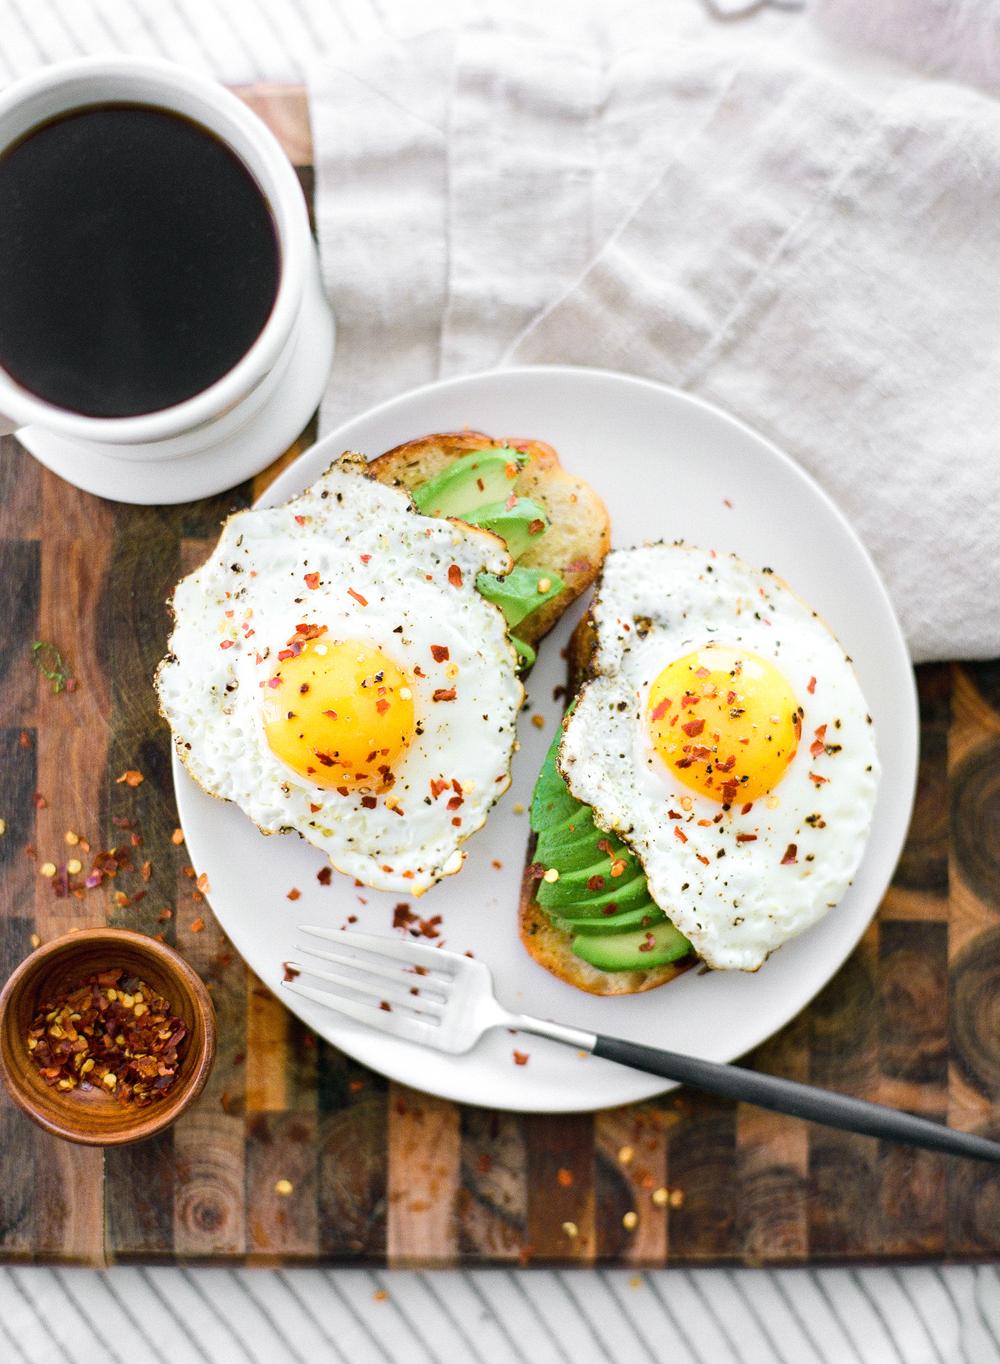 ... eggs on toast (http-::laurenkelp.com:food-and-drink:avocado-toast